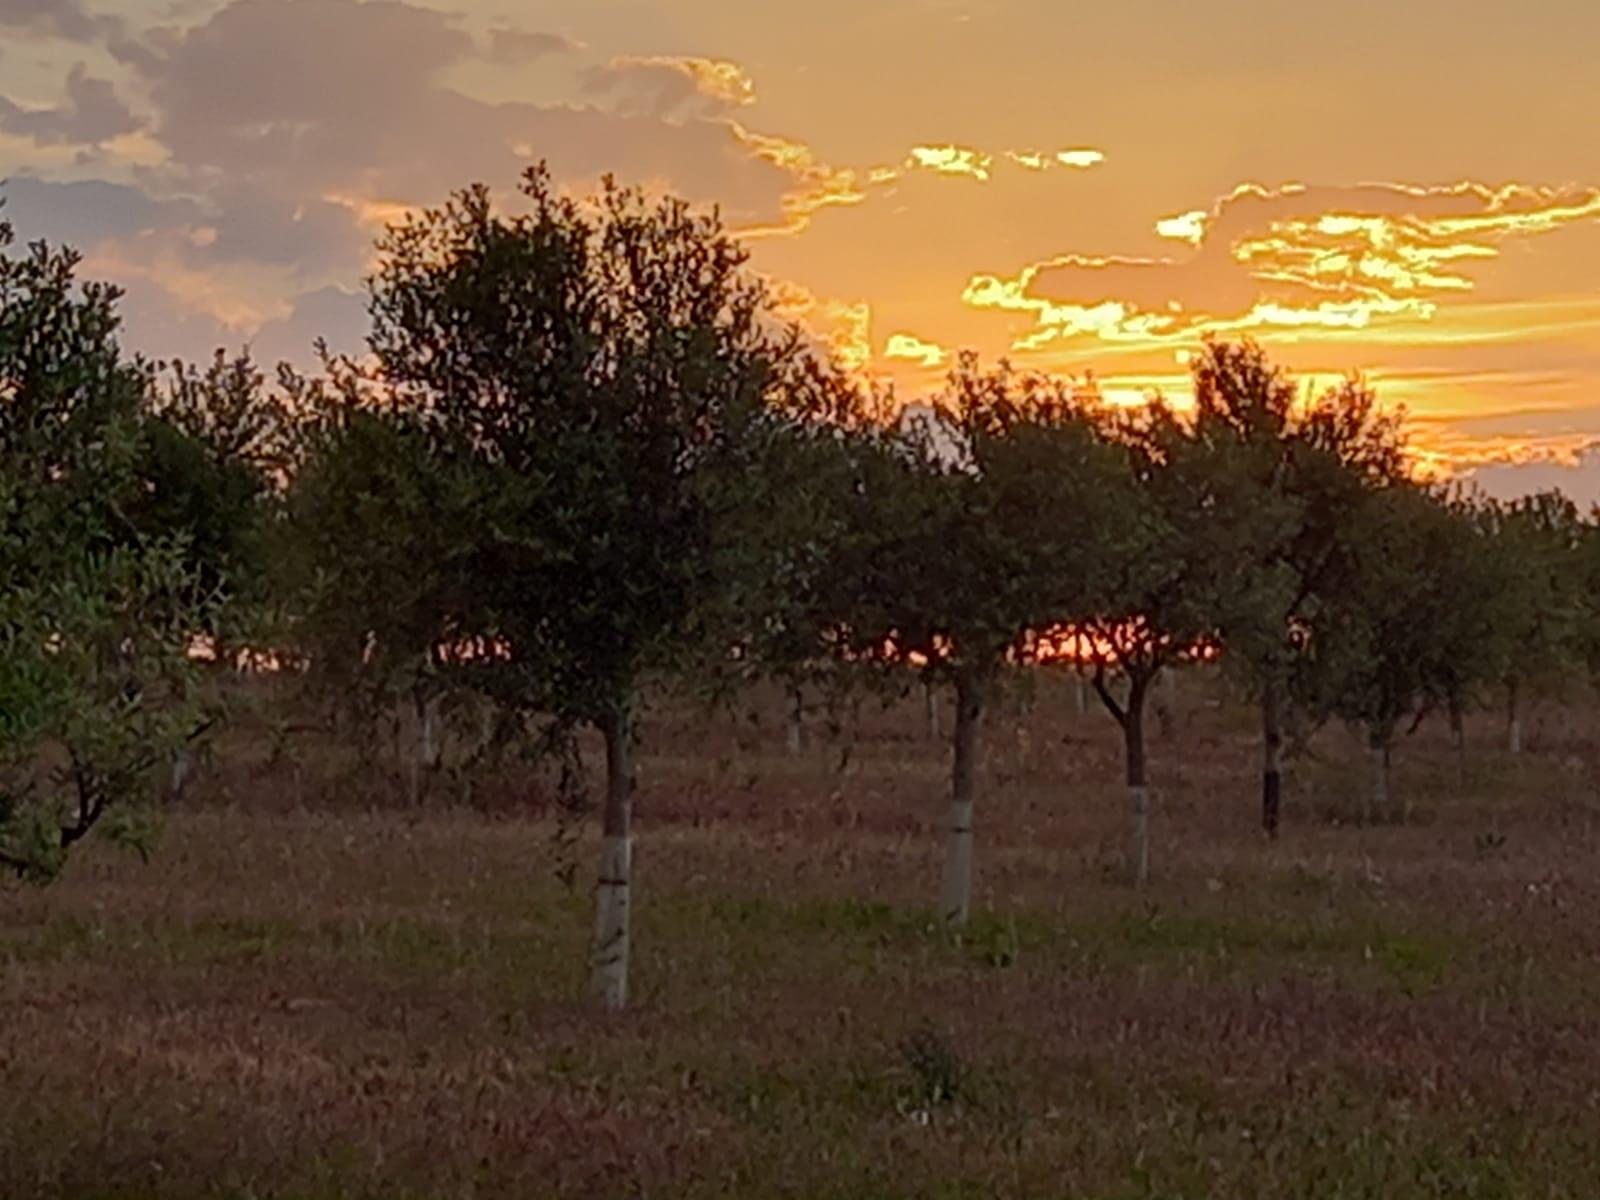 Cabecera Creando Pantanos en nuestro olivar - Noticias Ecológicos Aranda